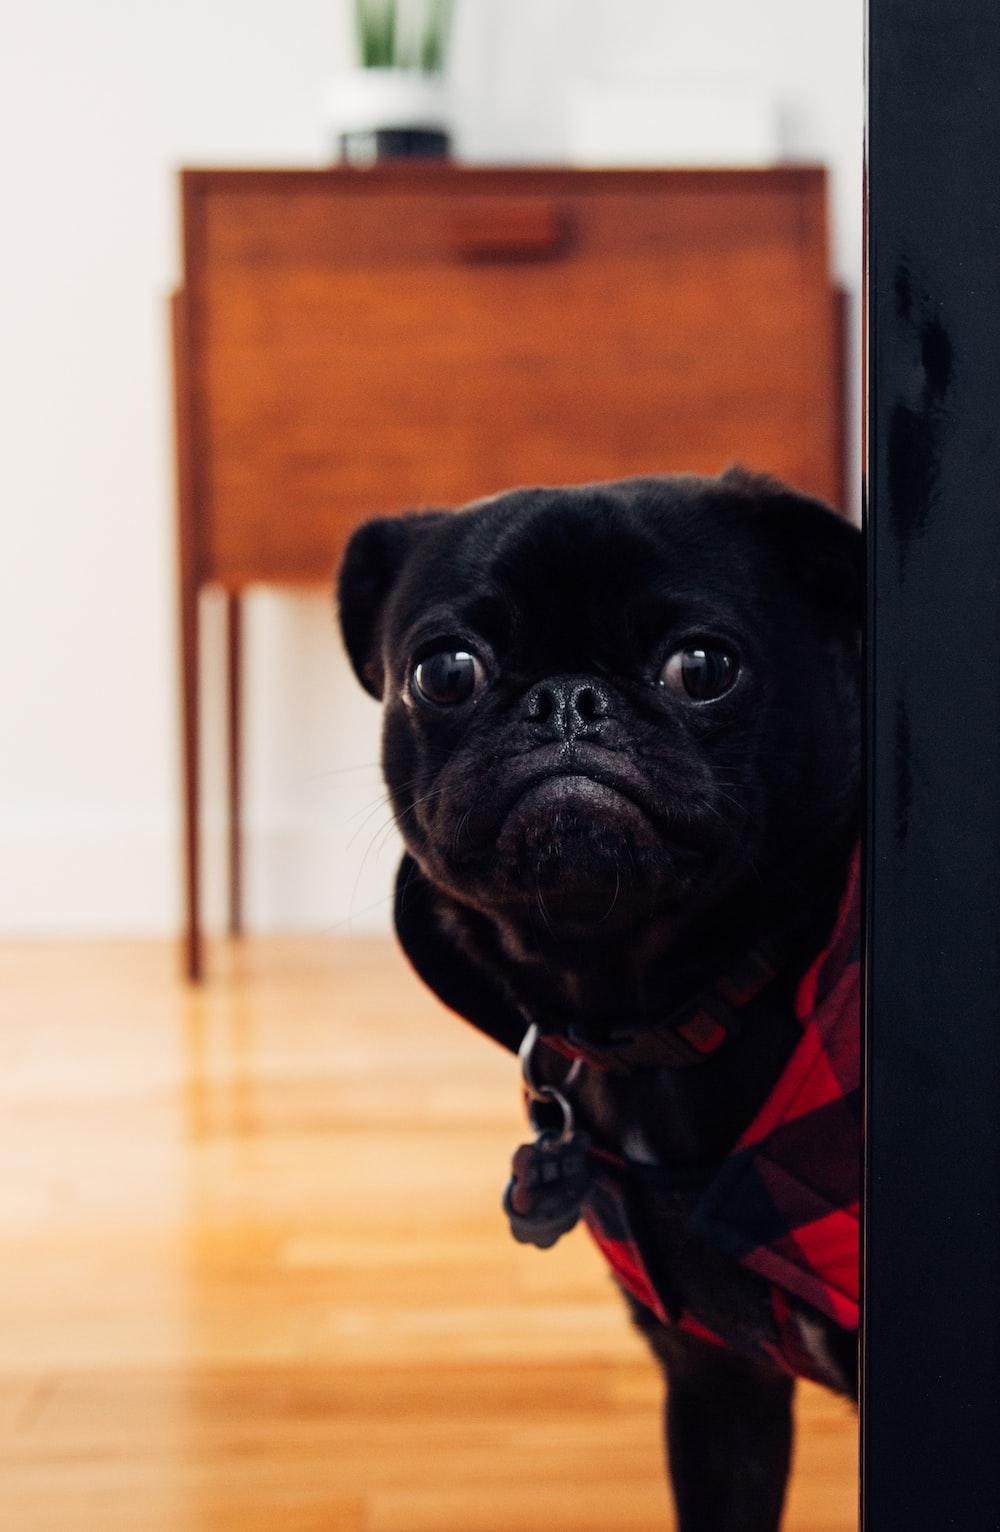 black pug standing on floor